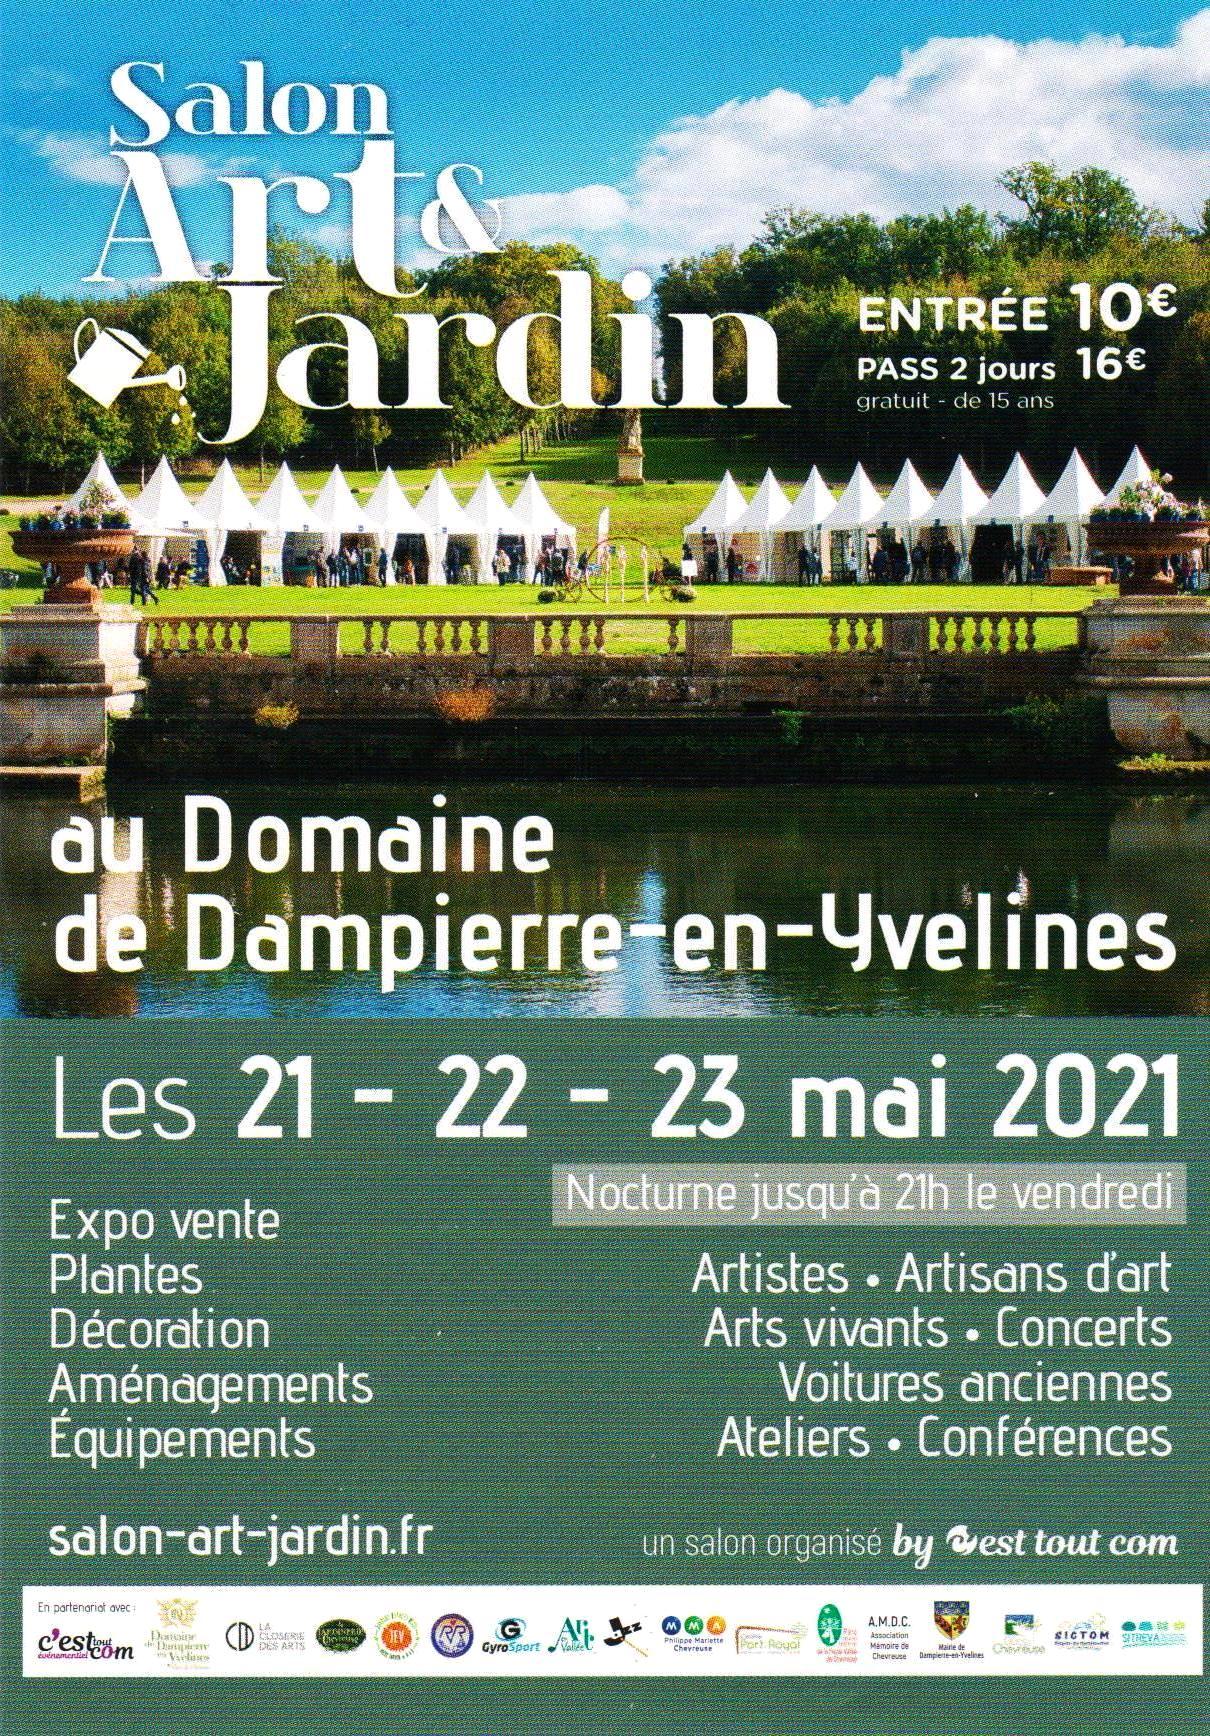 Présence de Frédéric Latrace au Salon Art & Jardin - Édition 2021